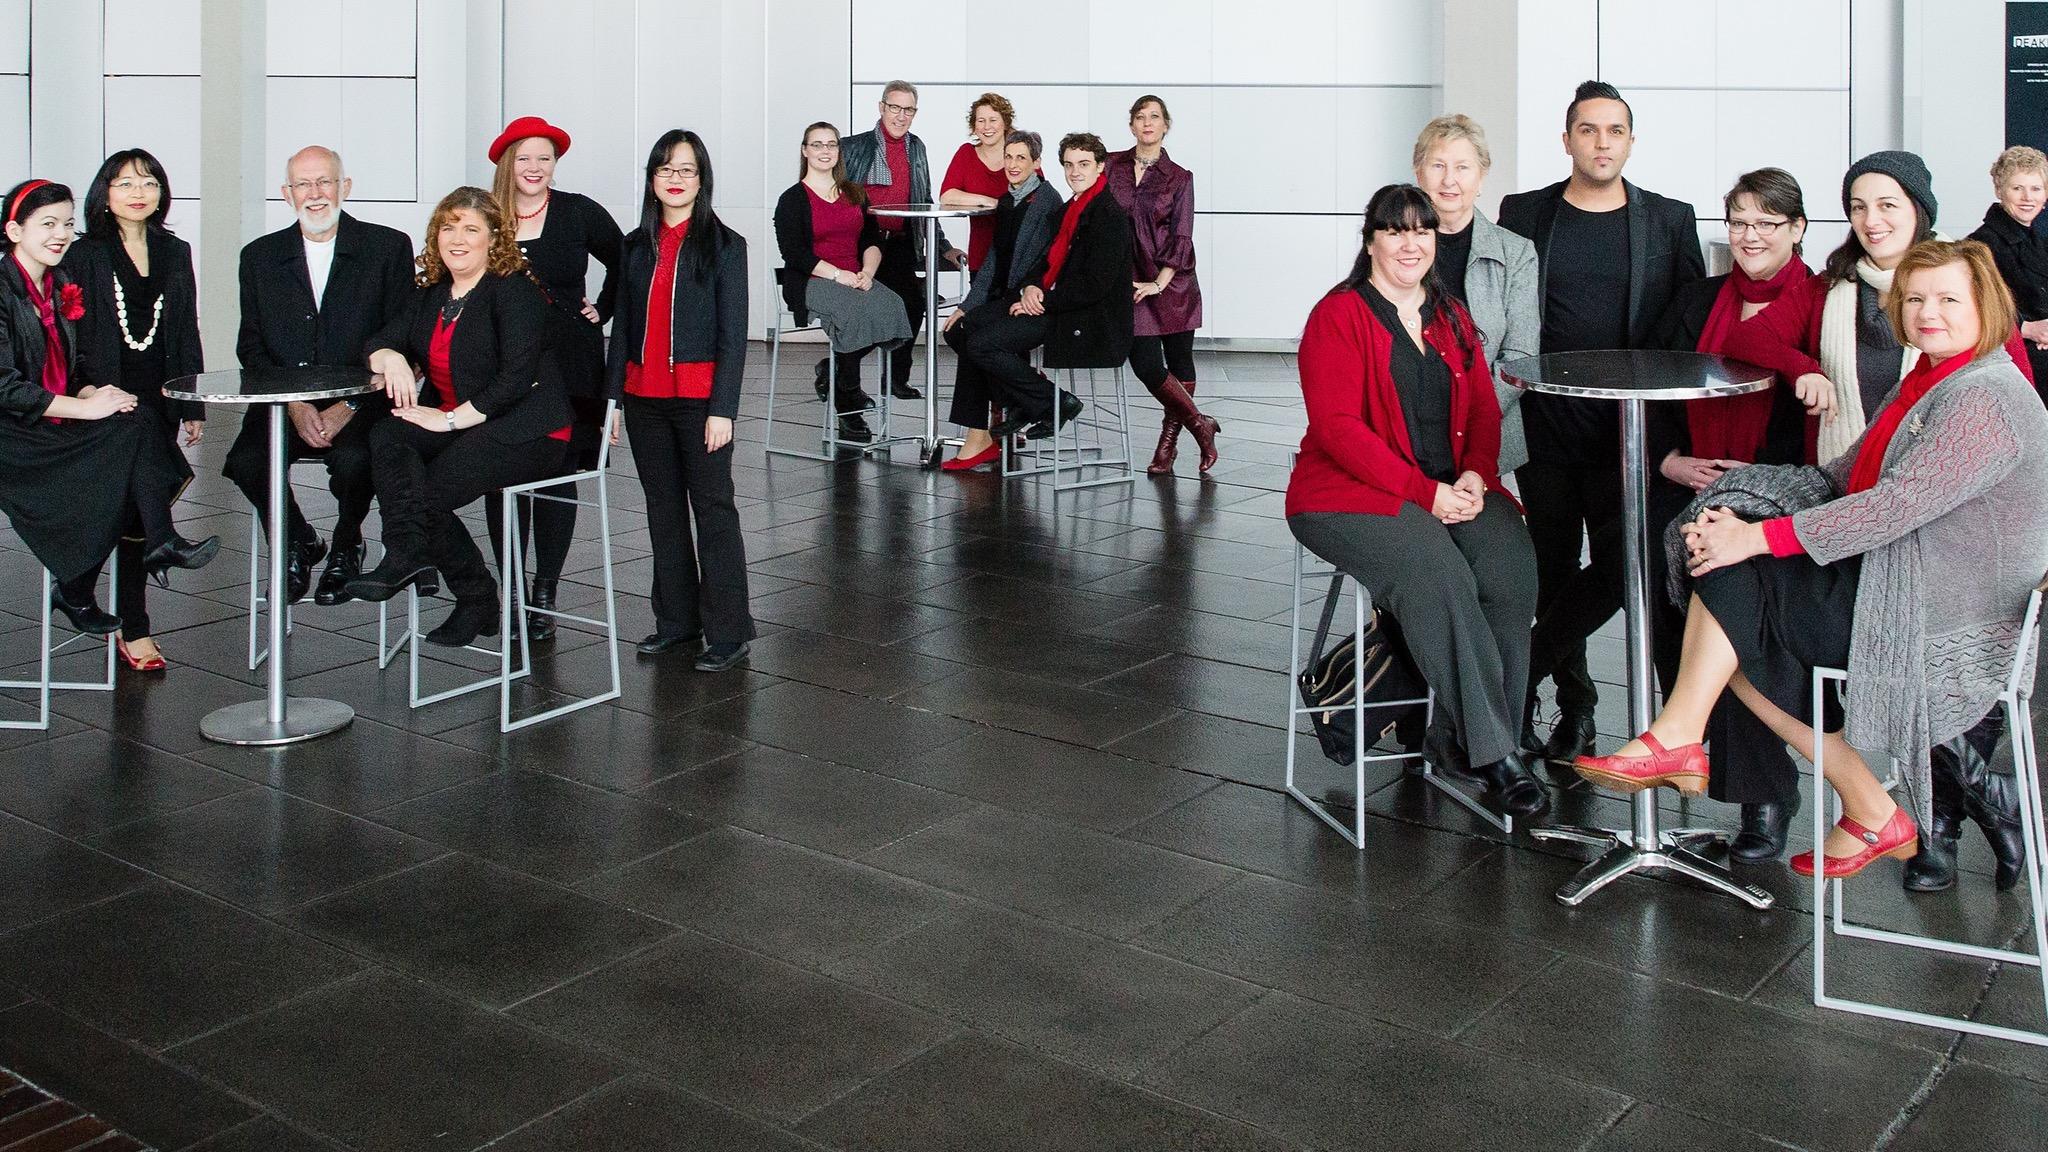 THE CHIME Choir